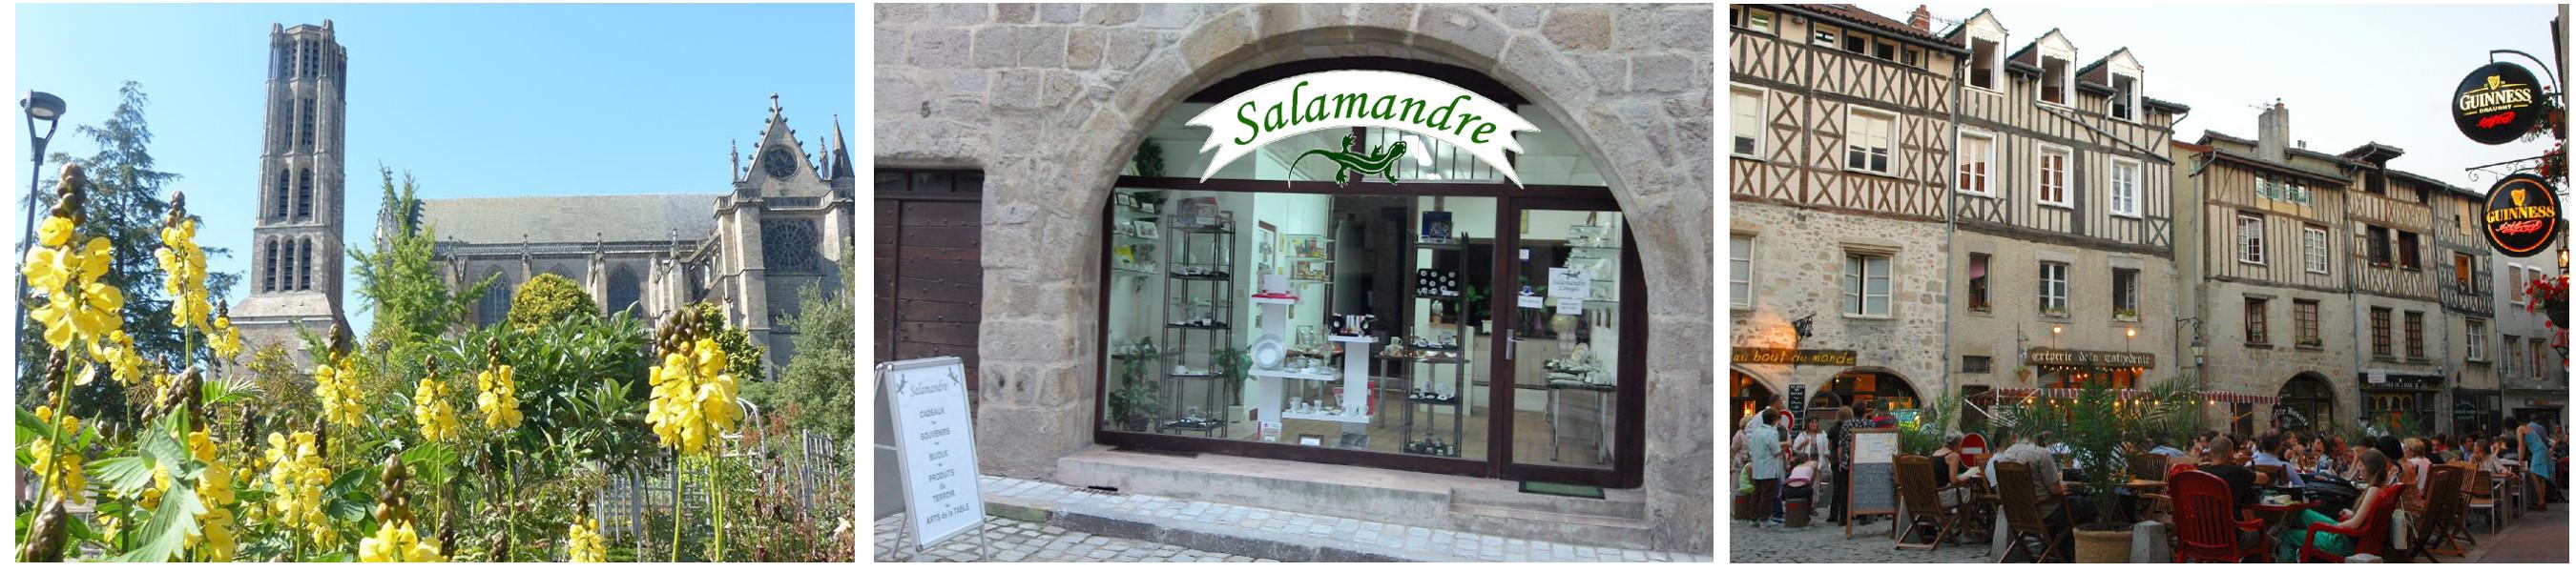 visite-salamandre